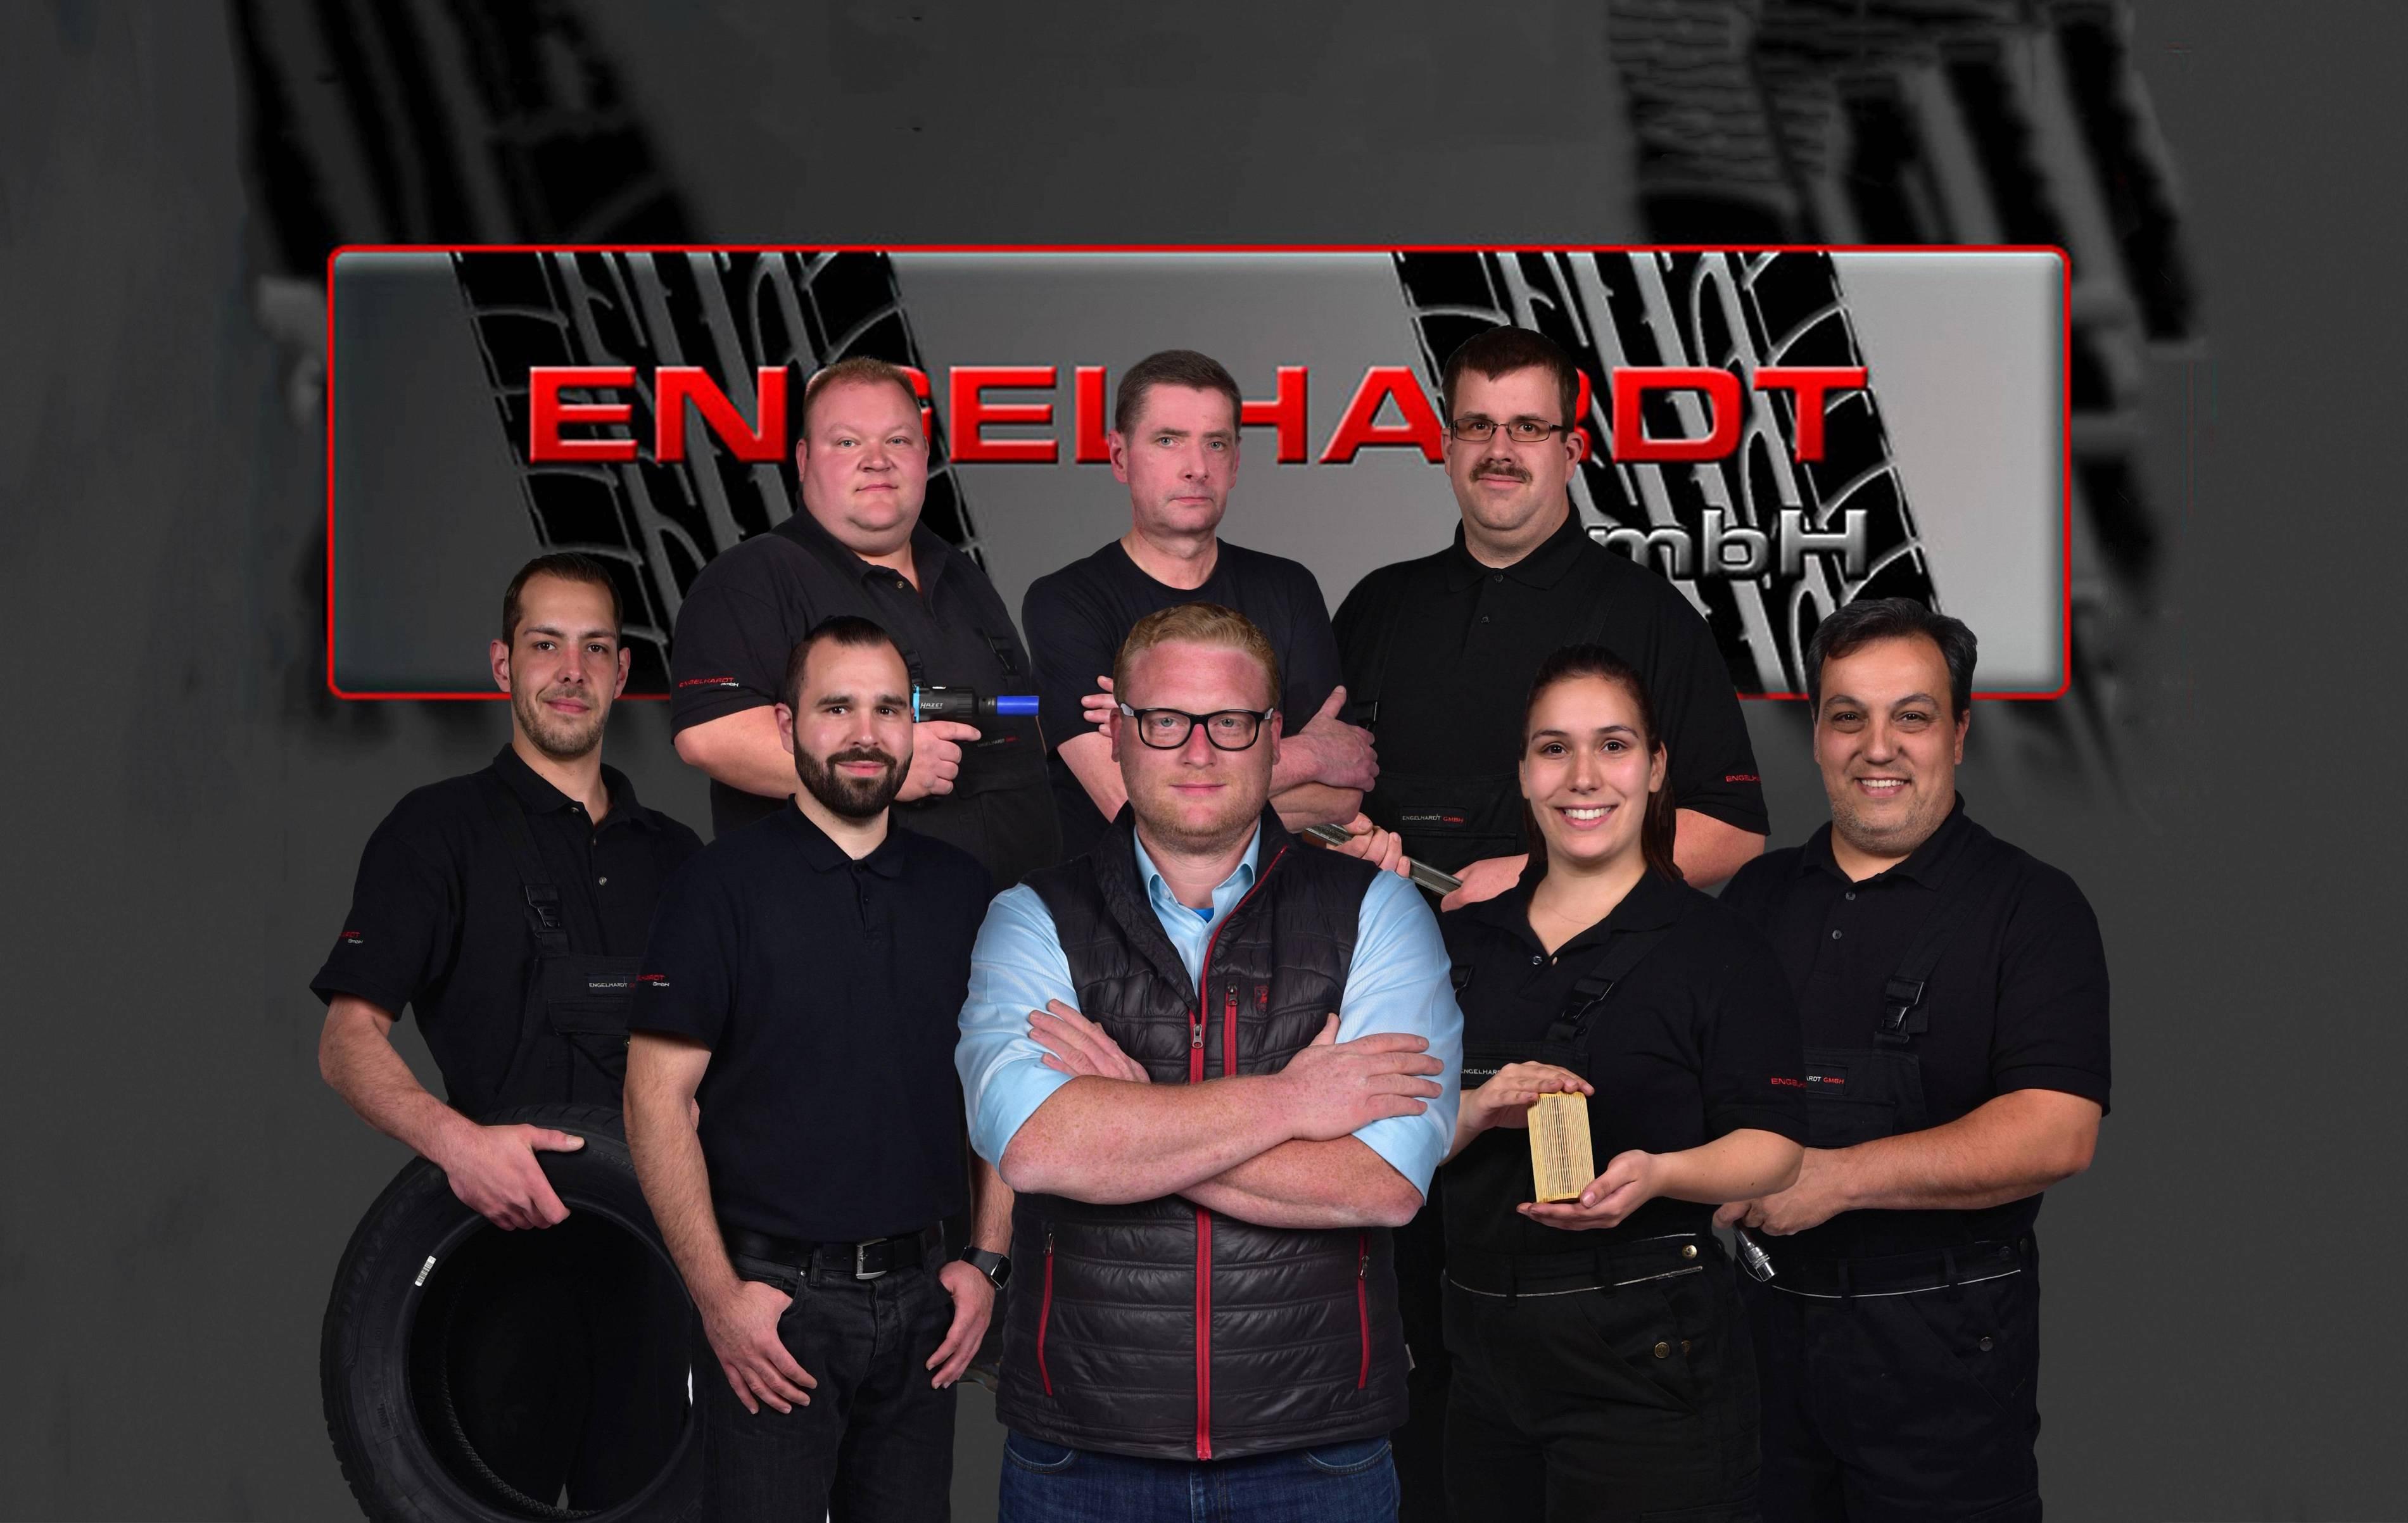 Gruppenbild Team Engelhardt in Essen